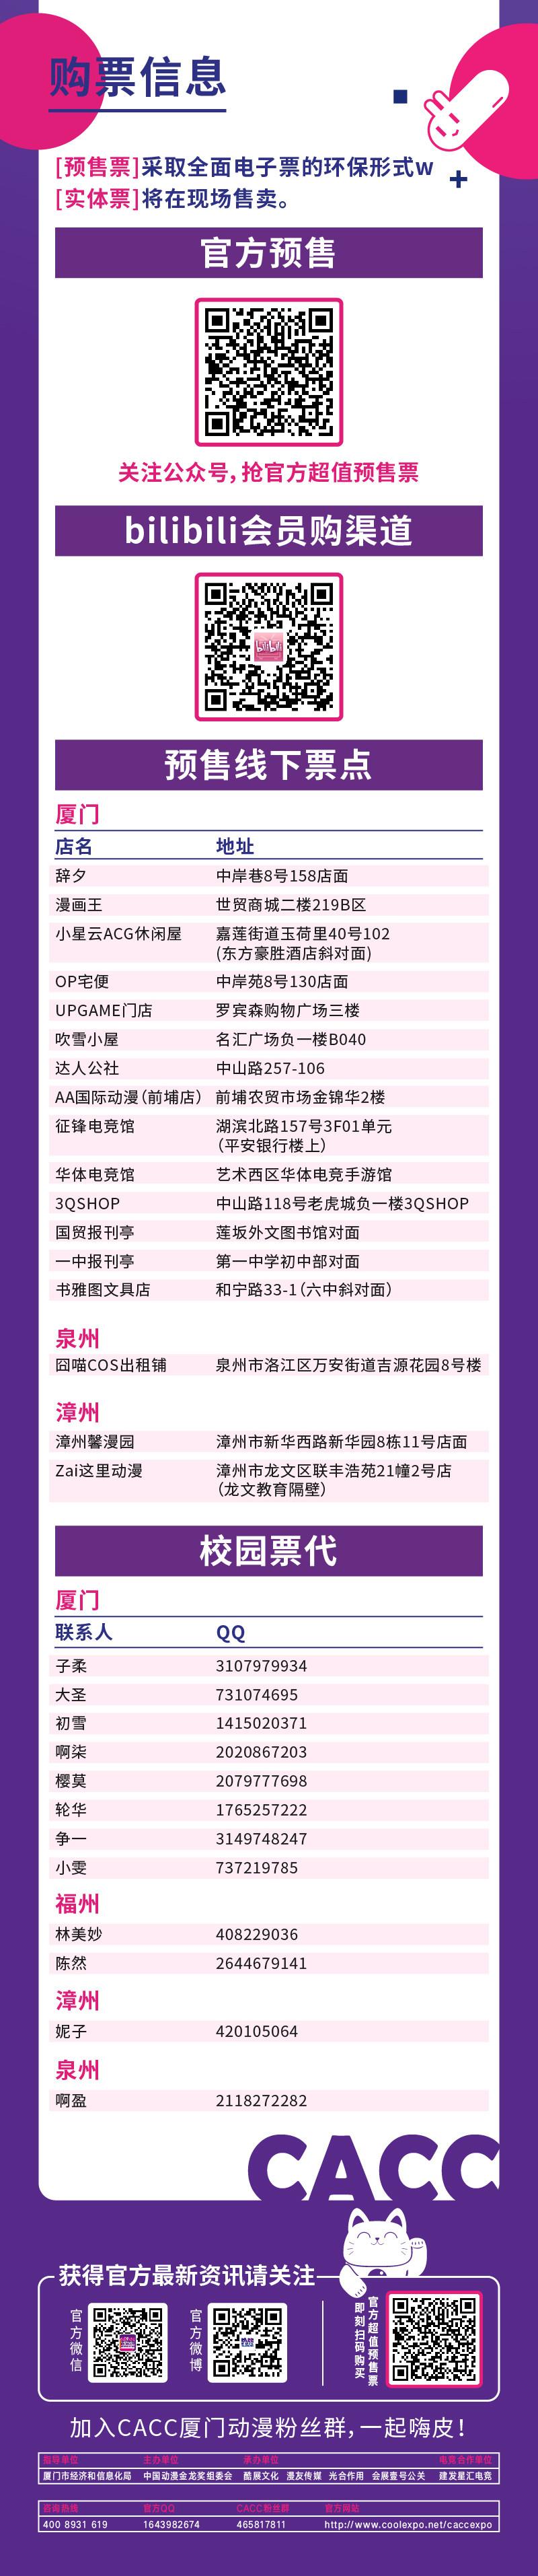 """2018大吉大利CACC总宣!点击召唤""""超级空投""""!-C3动漫网"""